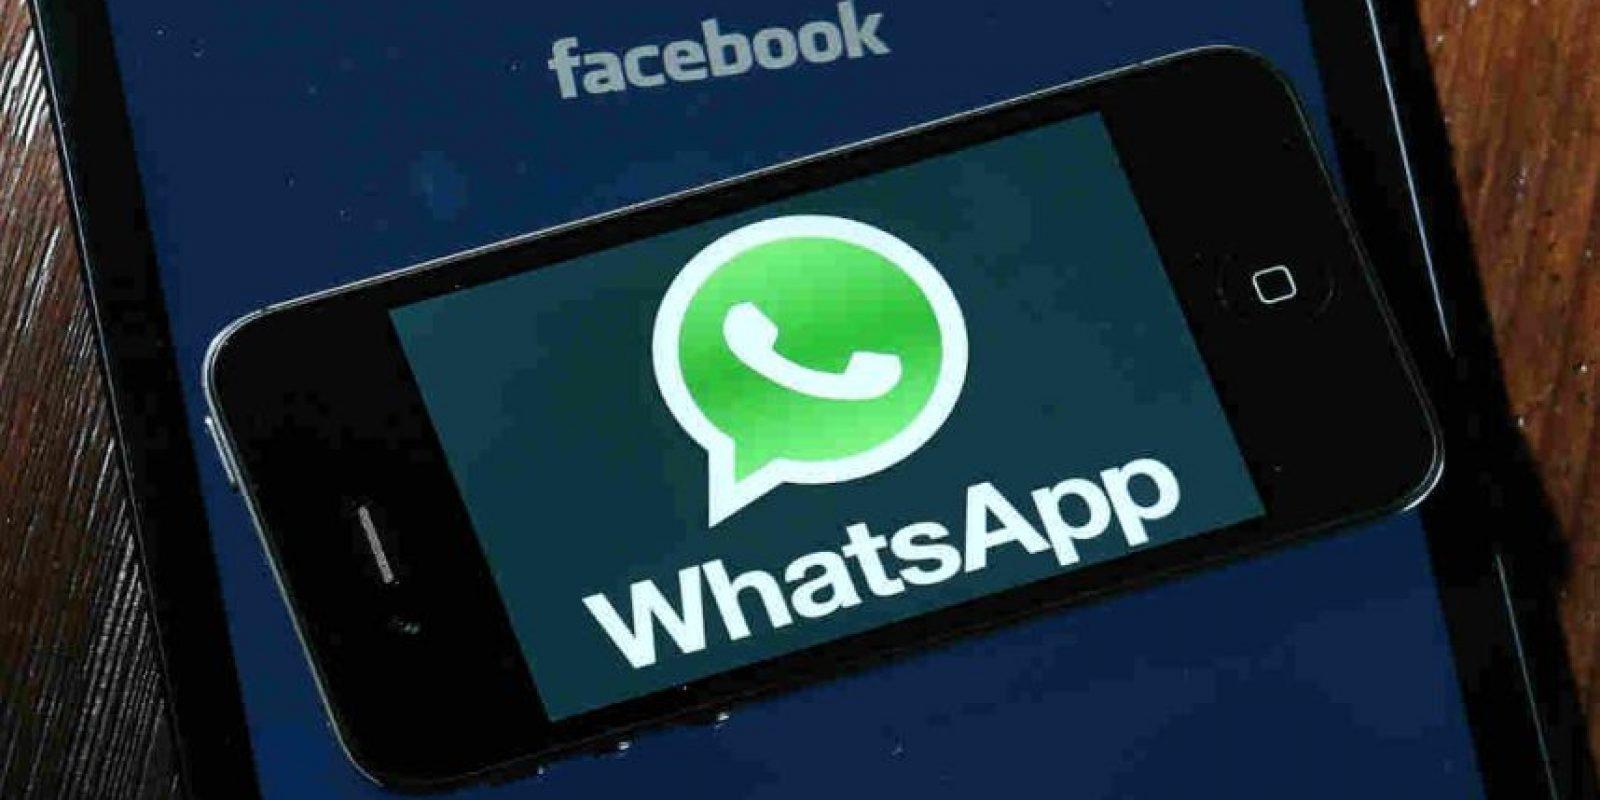 Facebook compró WhatsApp por 21,800 millones de dólares. Foto:Getty Images